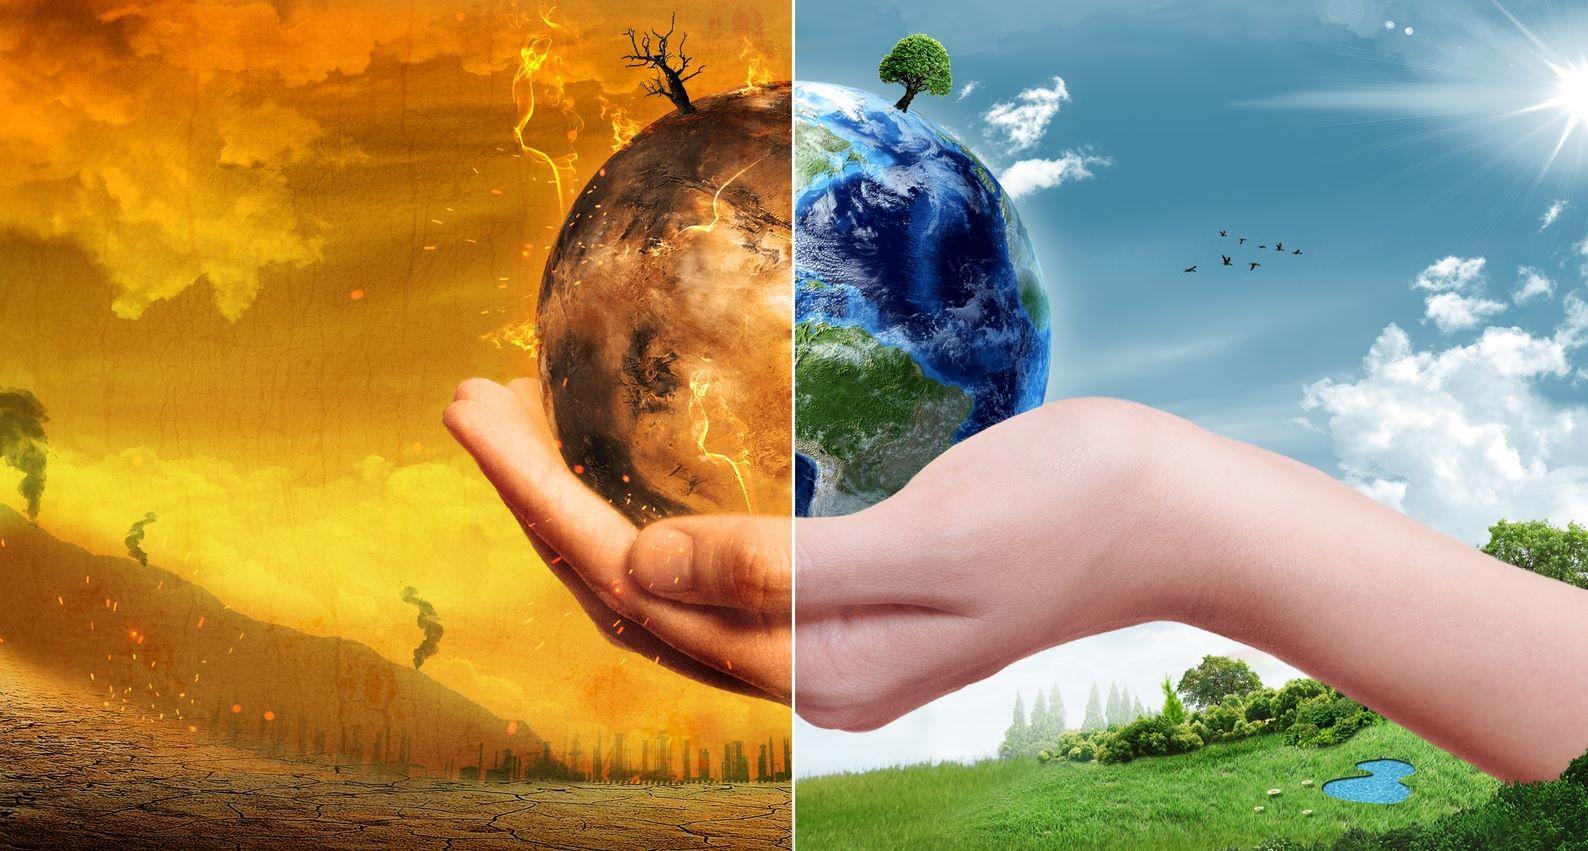 https://aranca.com/assets/uploads/blogs/climatechangeban.jpg